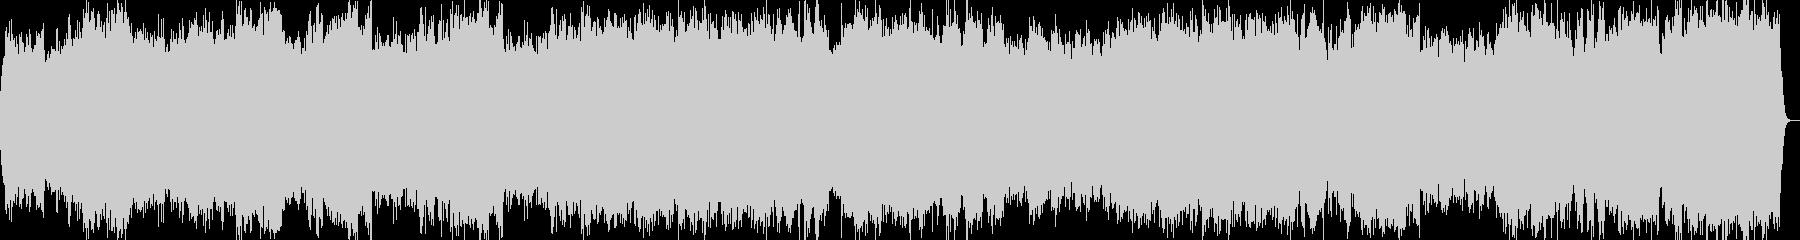 アンダンテフェスティーボの未再生の波形